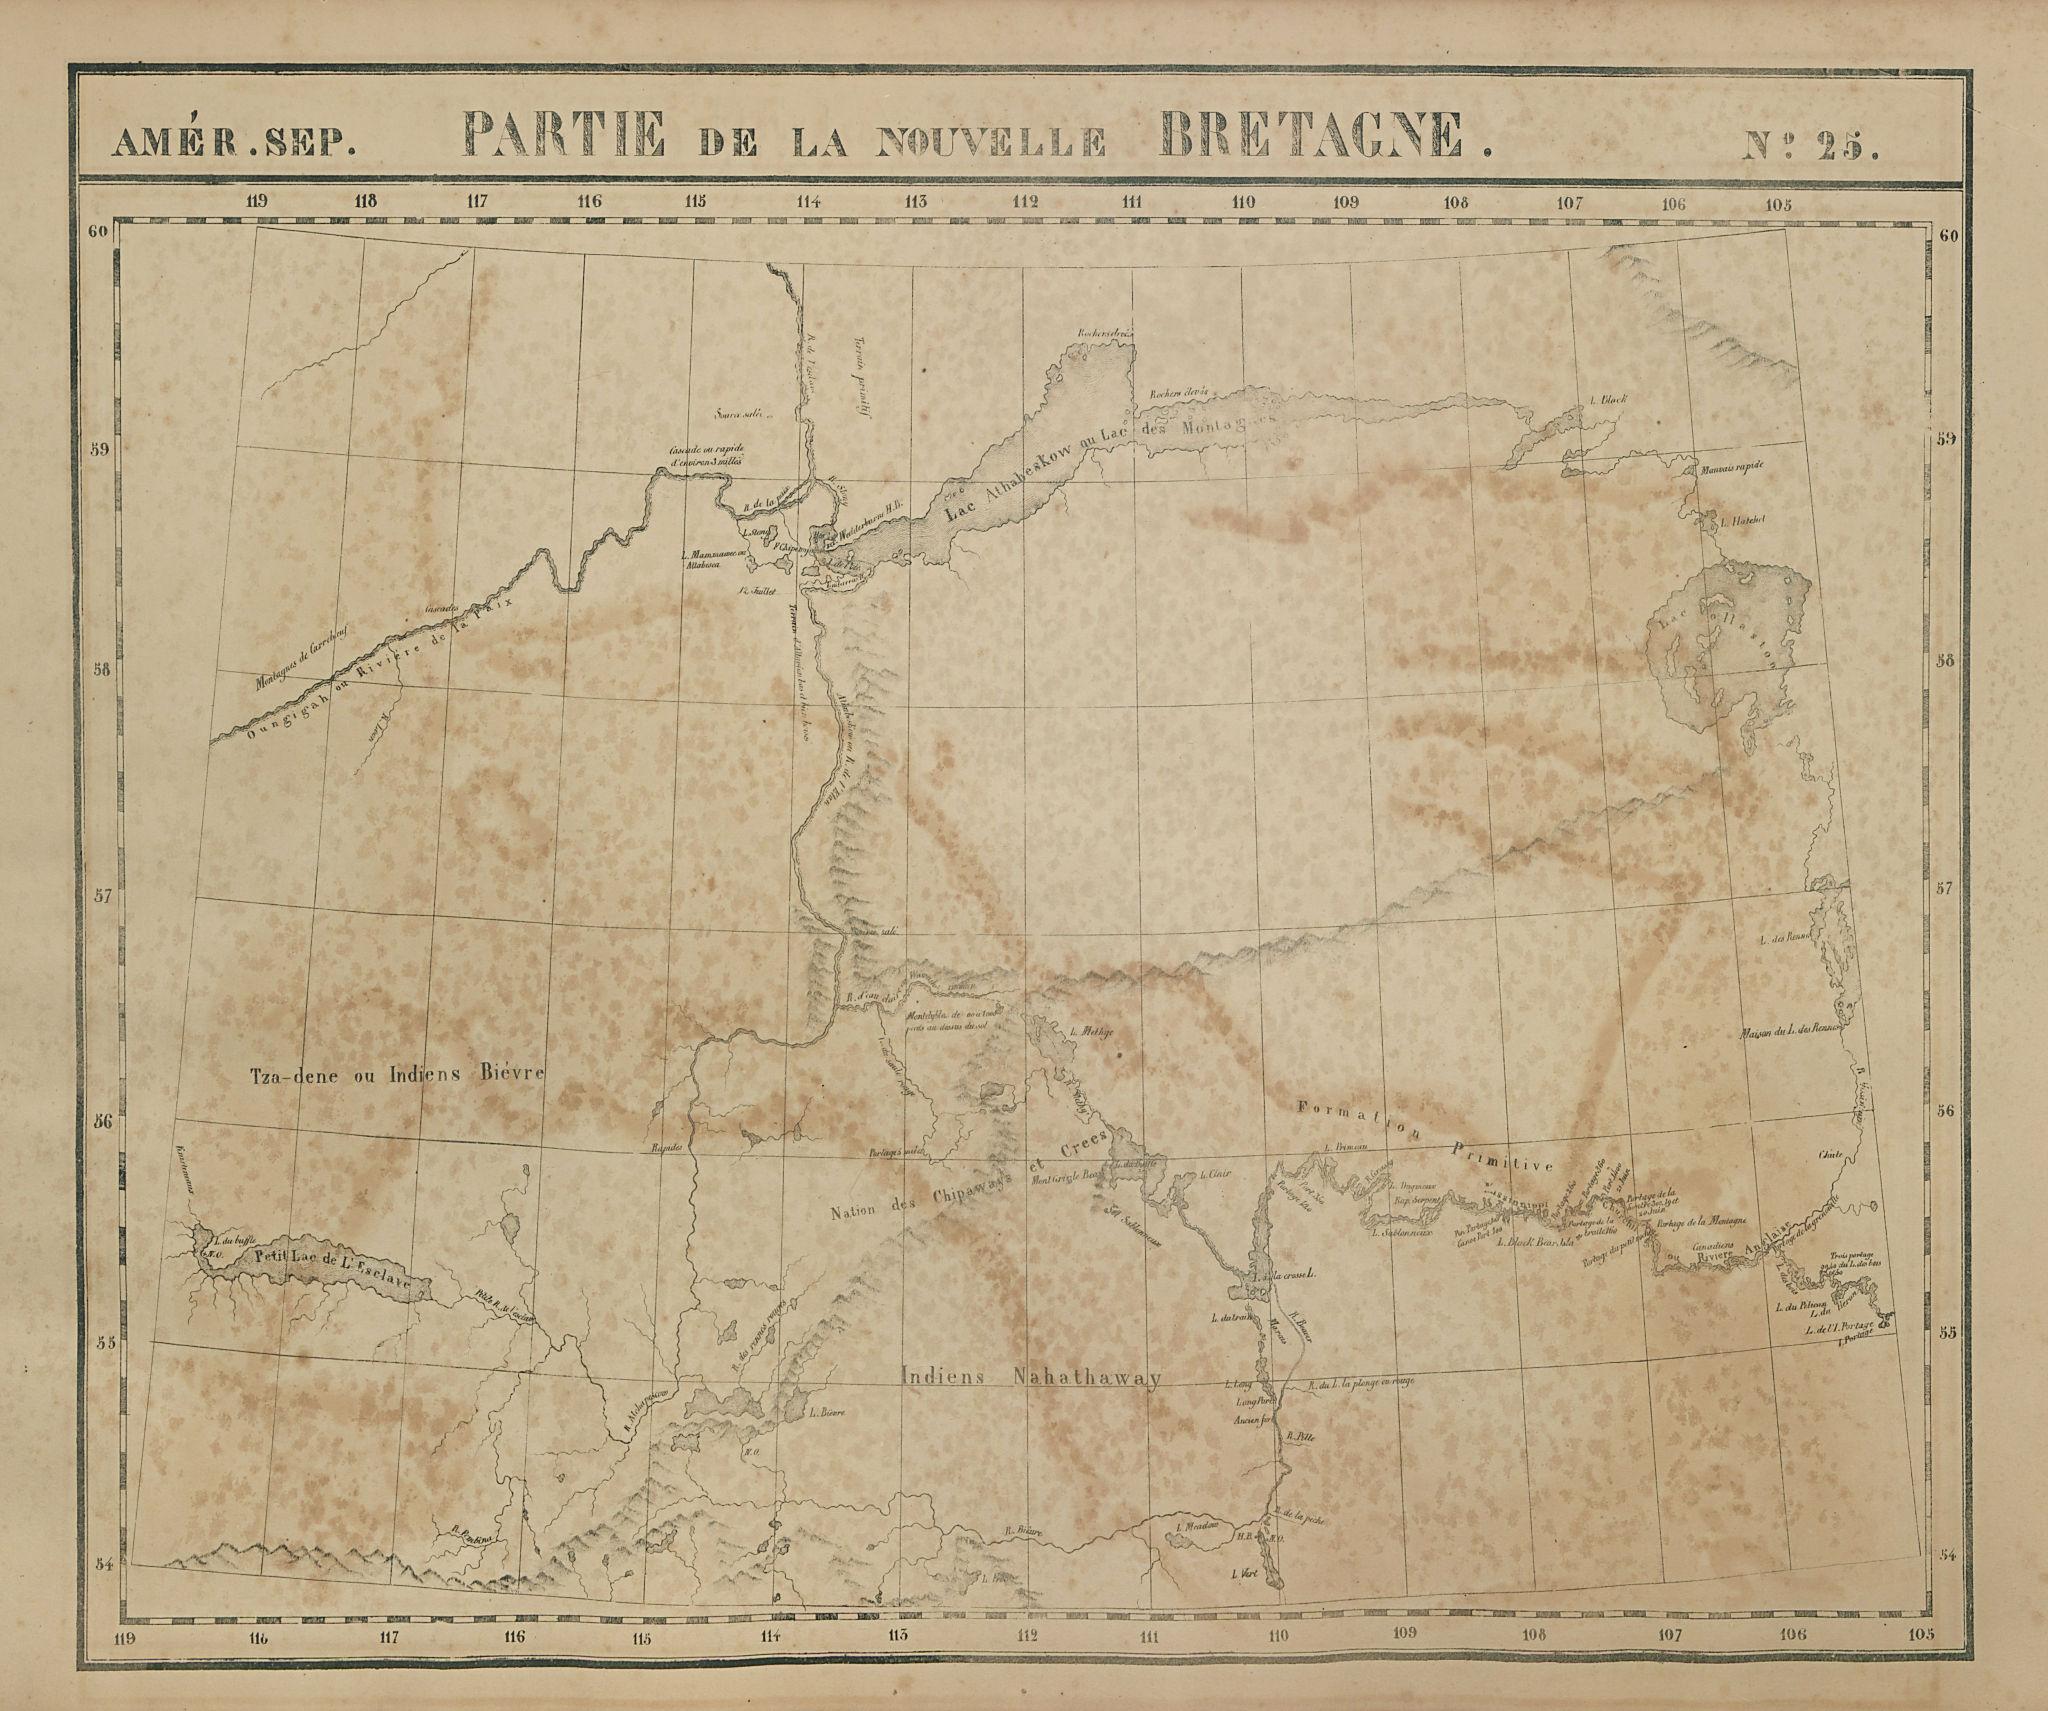 Amér Sep Partie de la Nouvelle Bretagne #25 Lake Athabasca VANDERMAELEN 1827 map